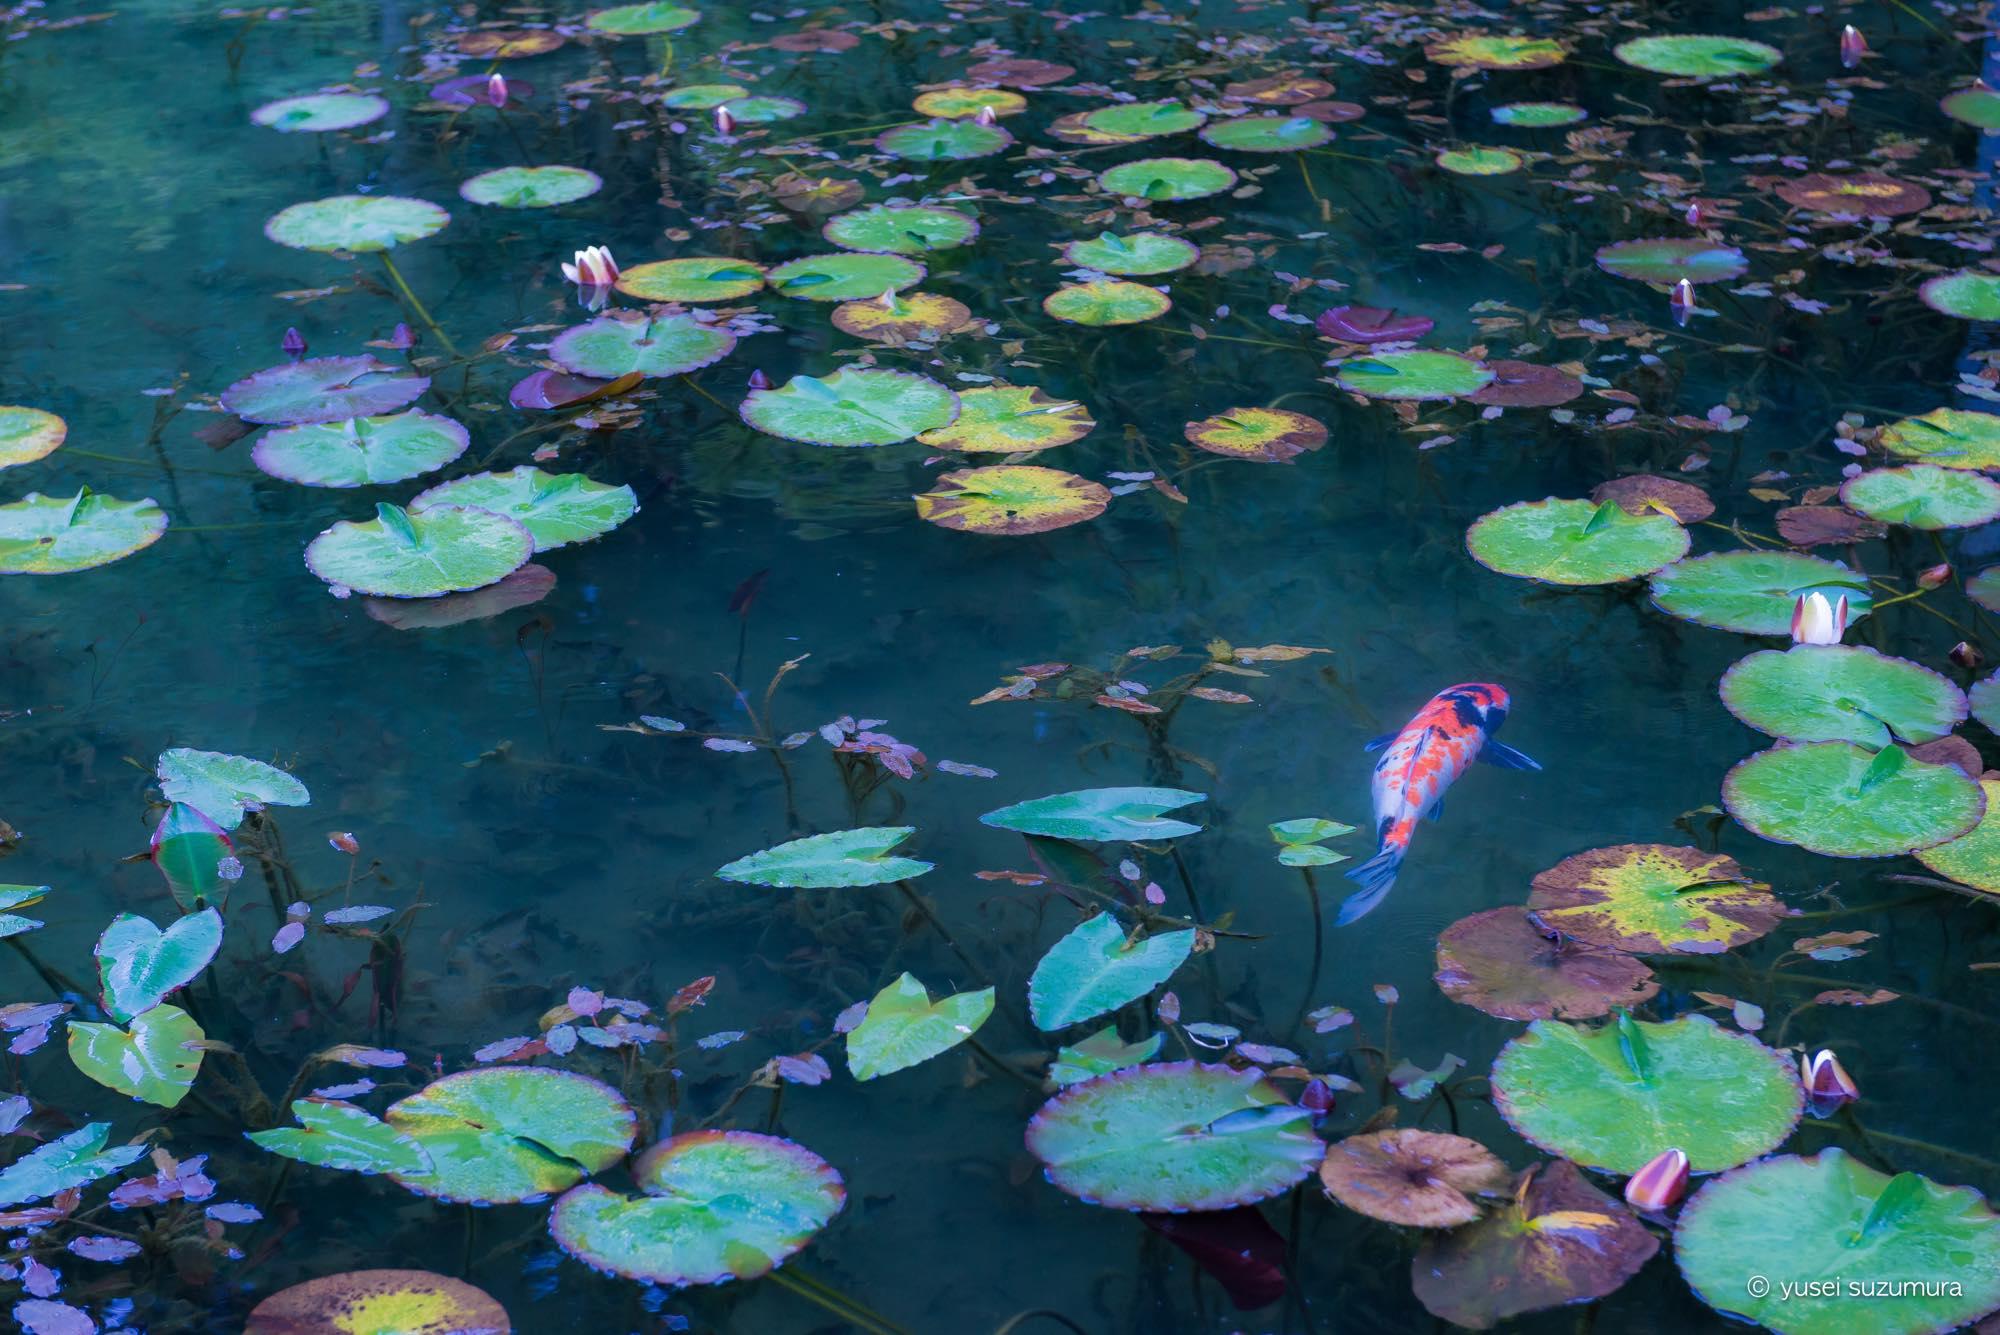 関市 モネの池